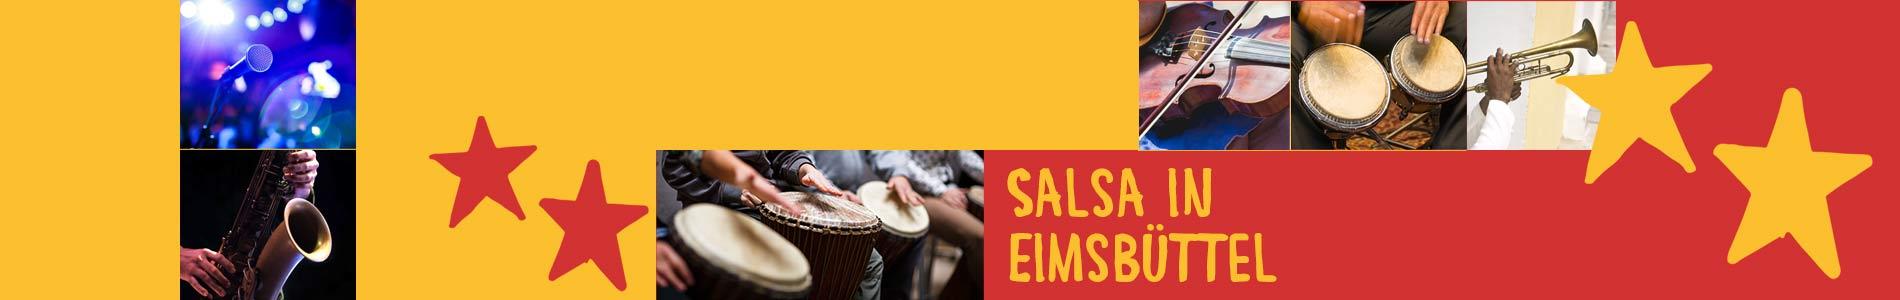 Salsa in Eimsbüttel – Salsa lernen und tanzen, Tanzkurse, Partys, Veranstaltungen